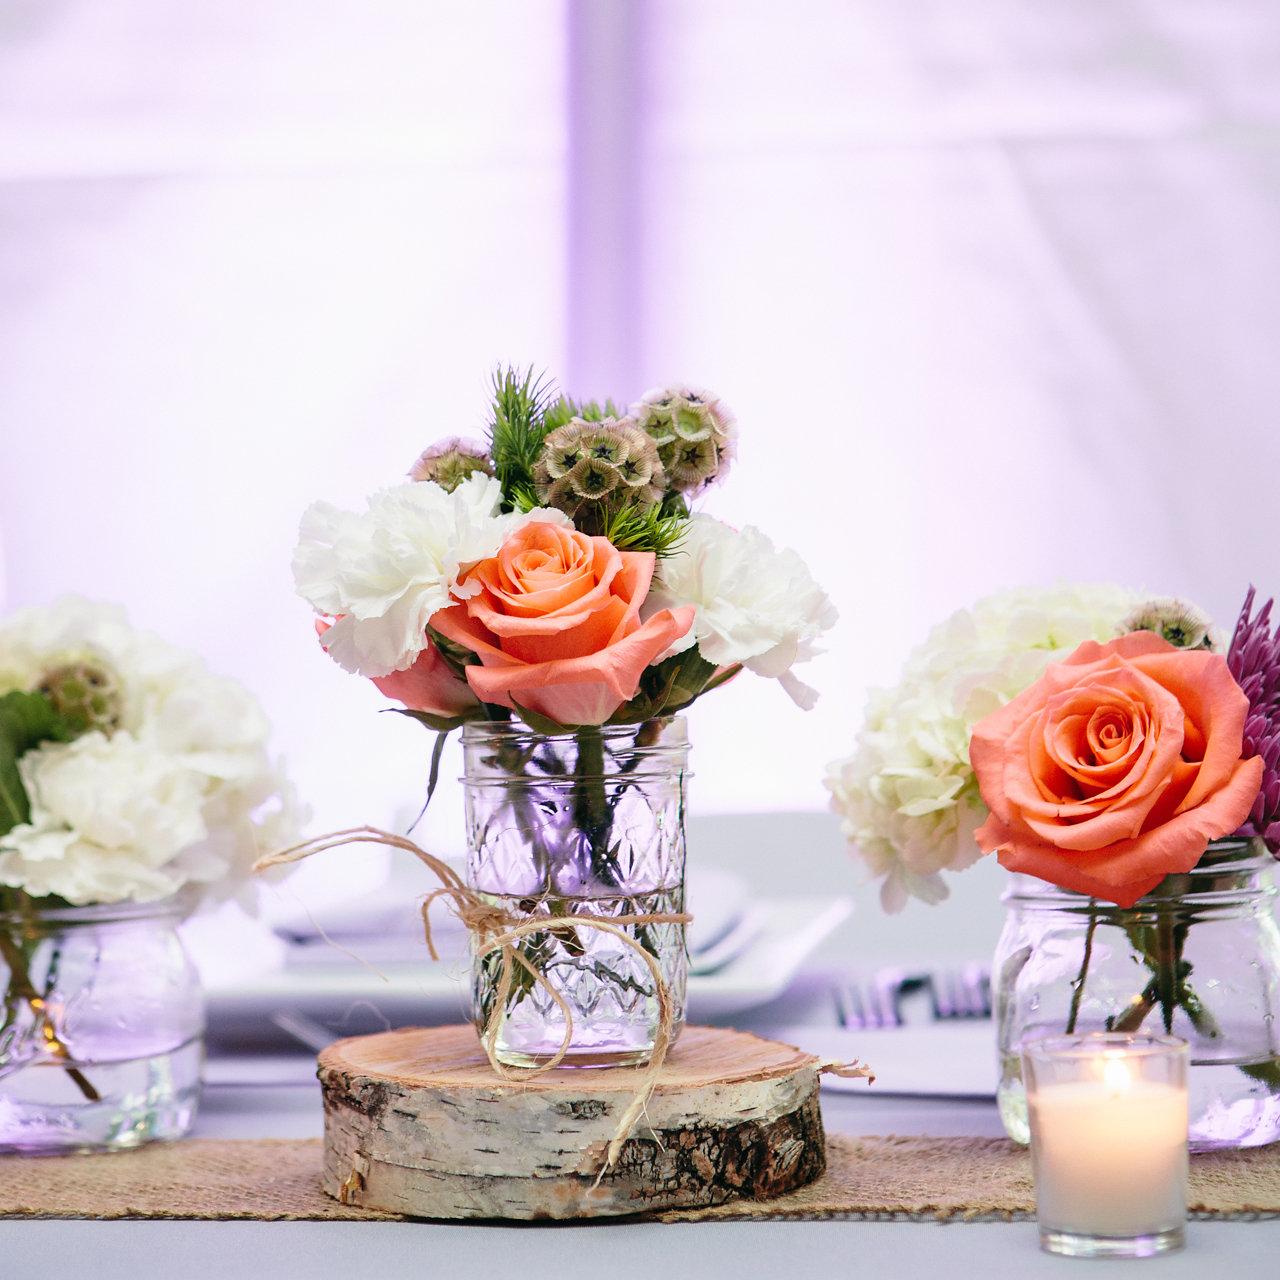 Chicago-Wedding-Decor-Centerpieces